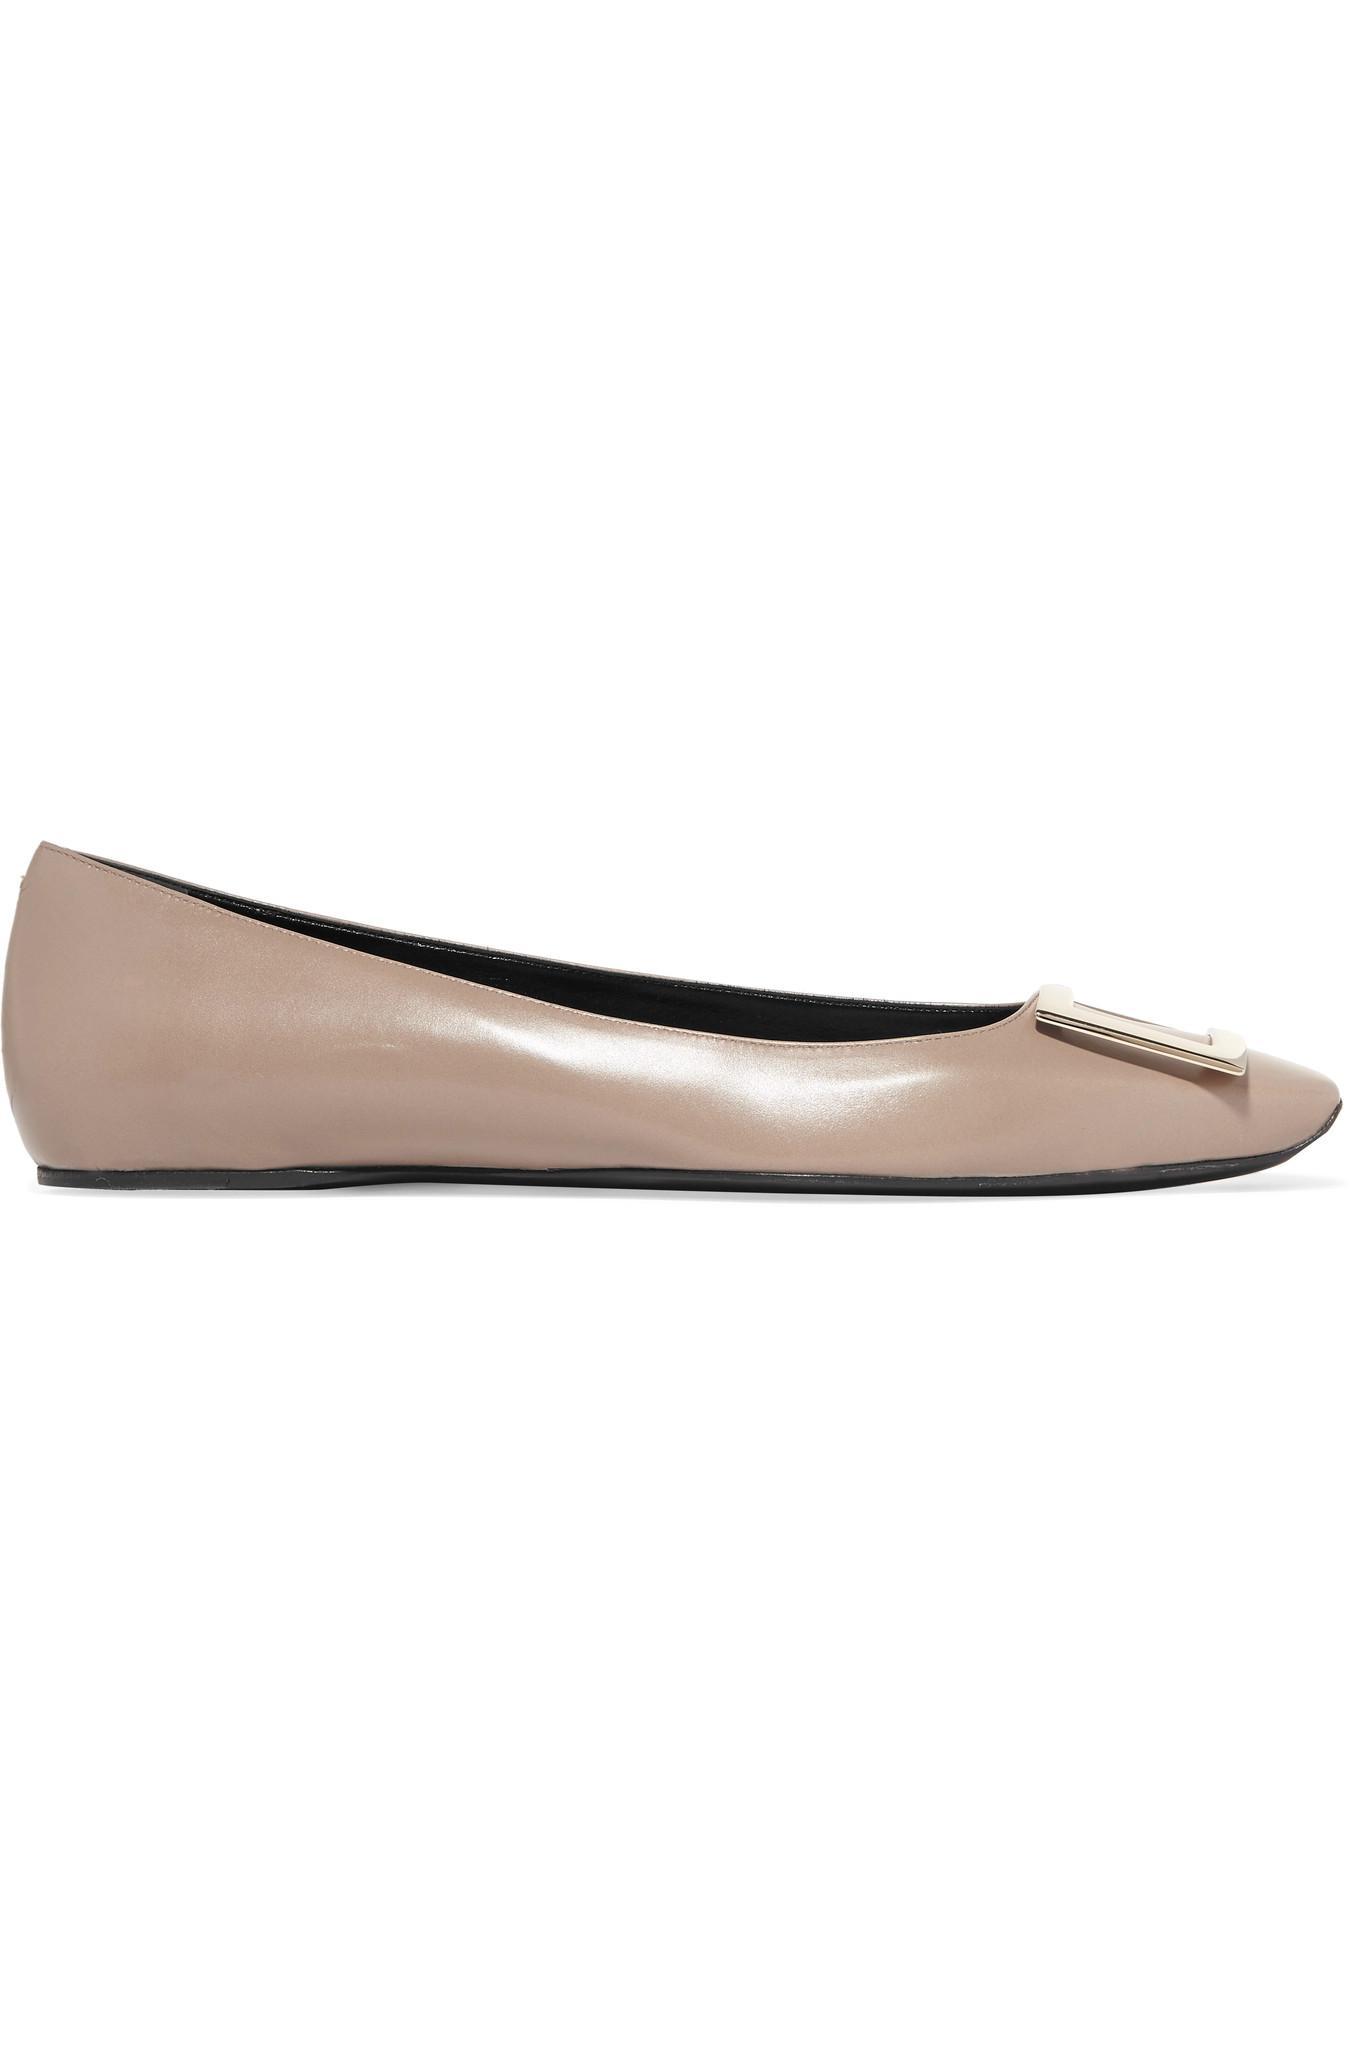 02343bcbd7628 Roger Vivier Trompette Bellerine Embellished Leather Ballet Flats in ...